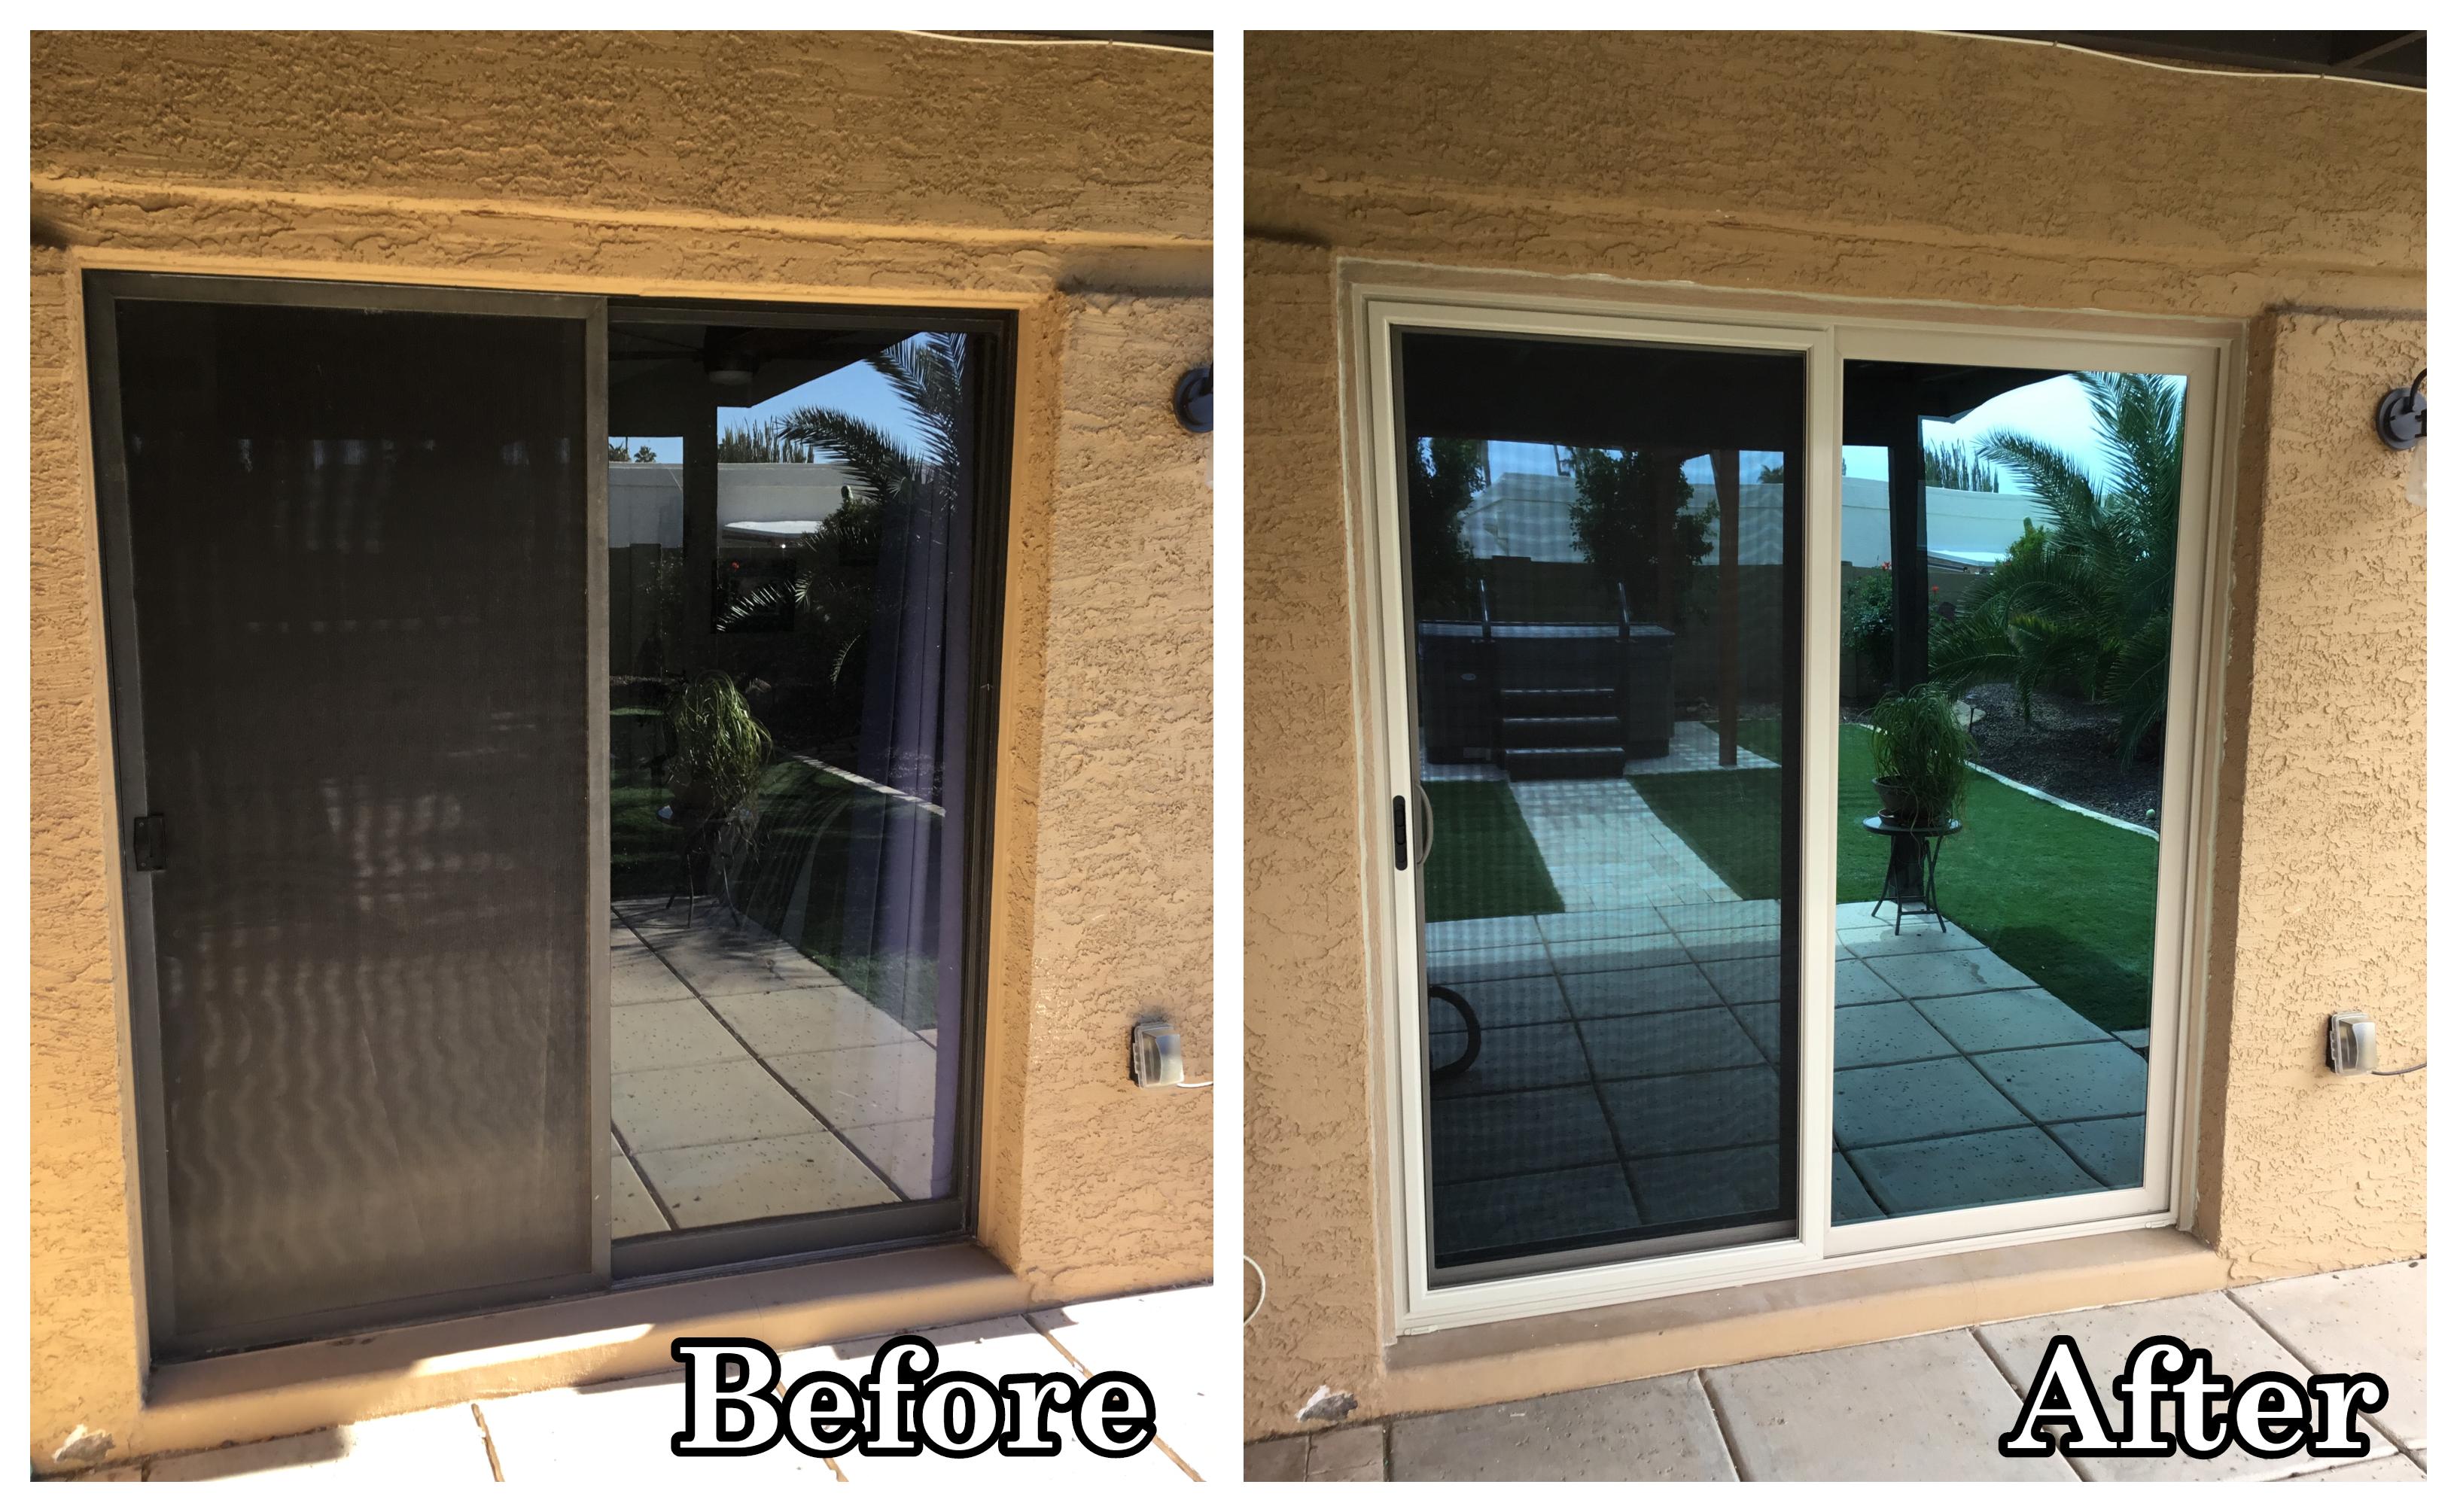 New Stylish Energy Efficient Patio Door In 2020 Patio Doors Vinyl Replacement Windows House Windows